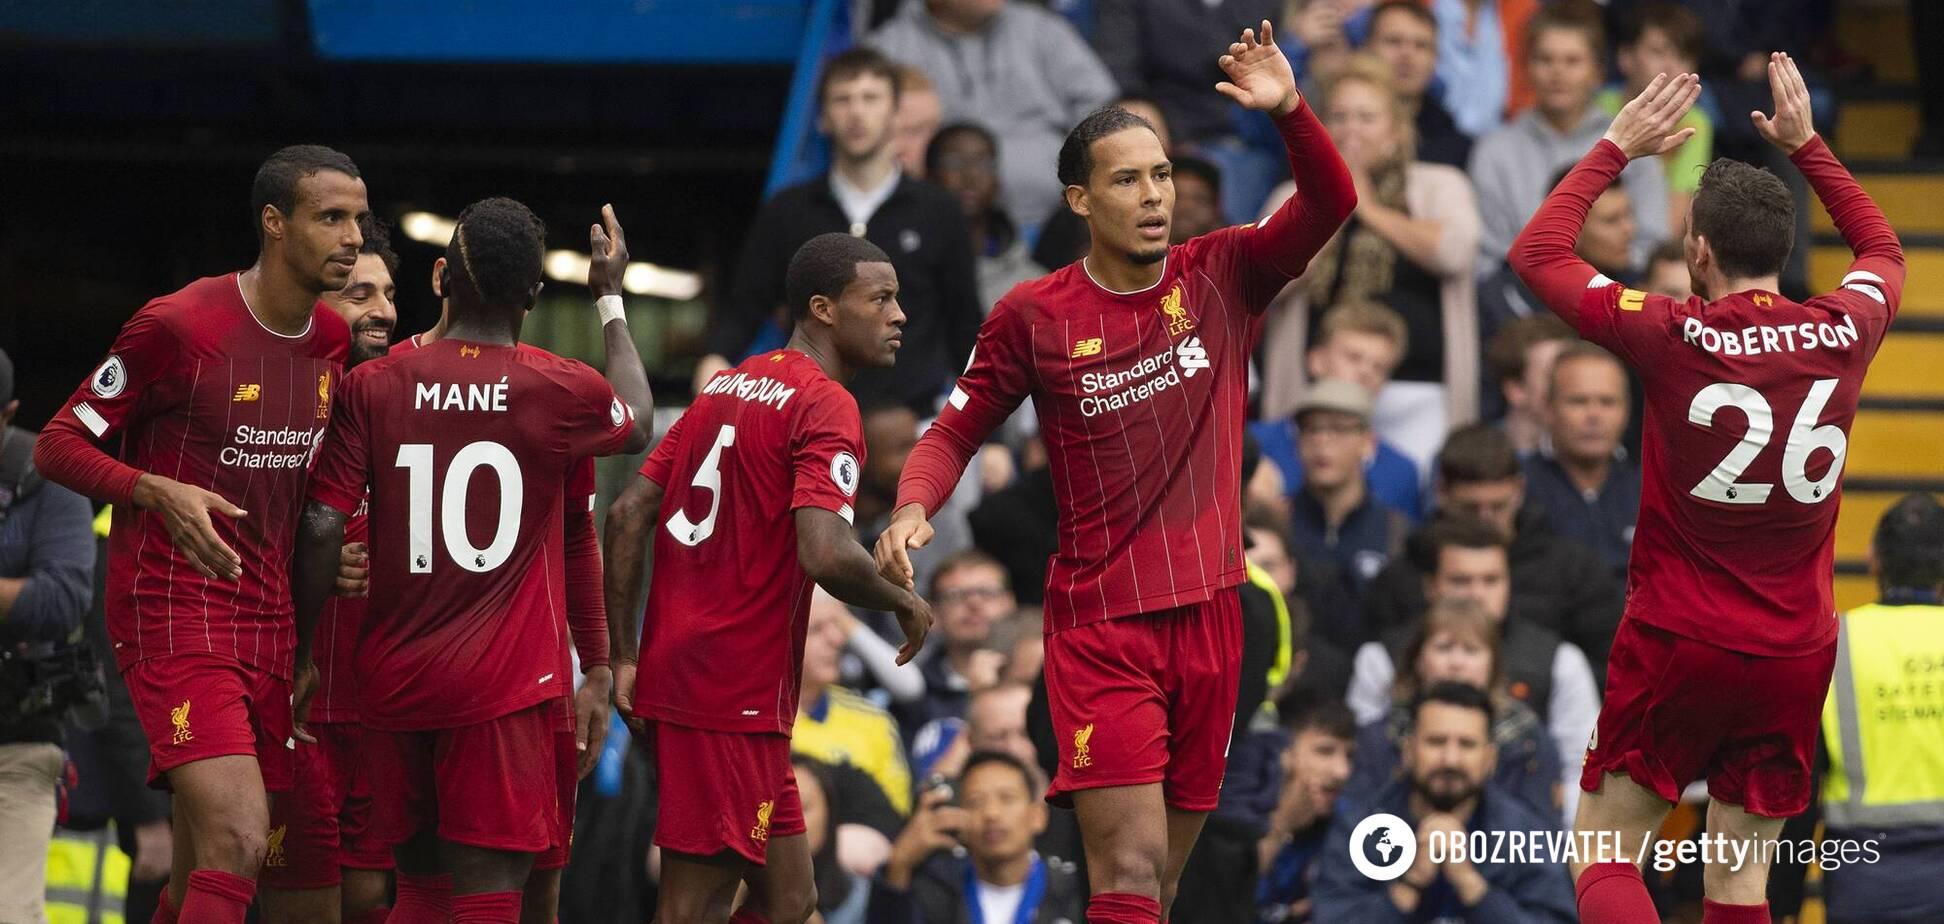 'Ливерпуль' и 'Челси' устроили голевую феерию, забив восемь голов